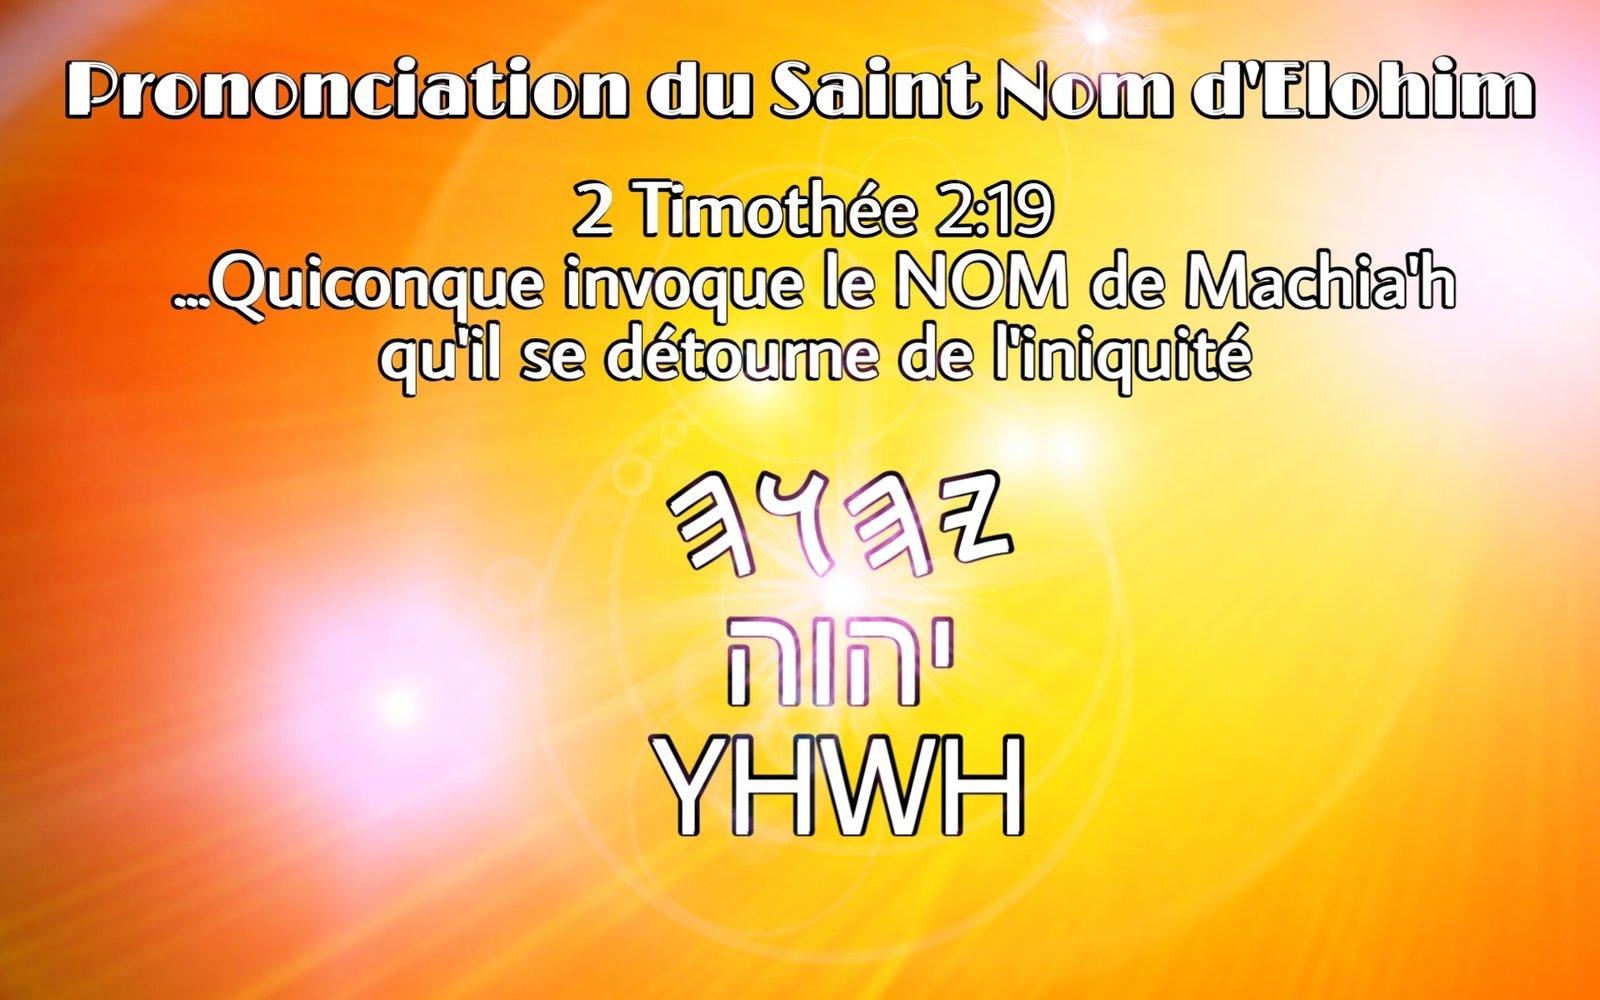 Prononciation du Saint Nom d'Elohim  200720032301979980